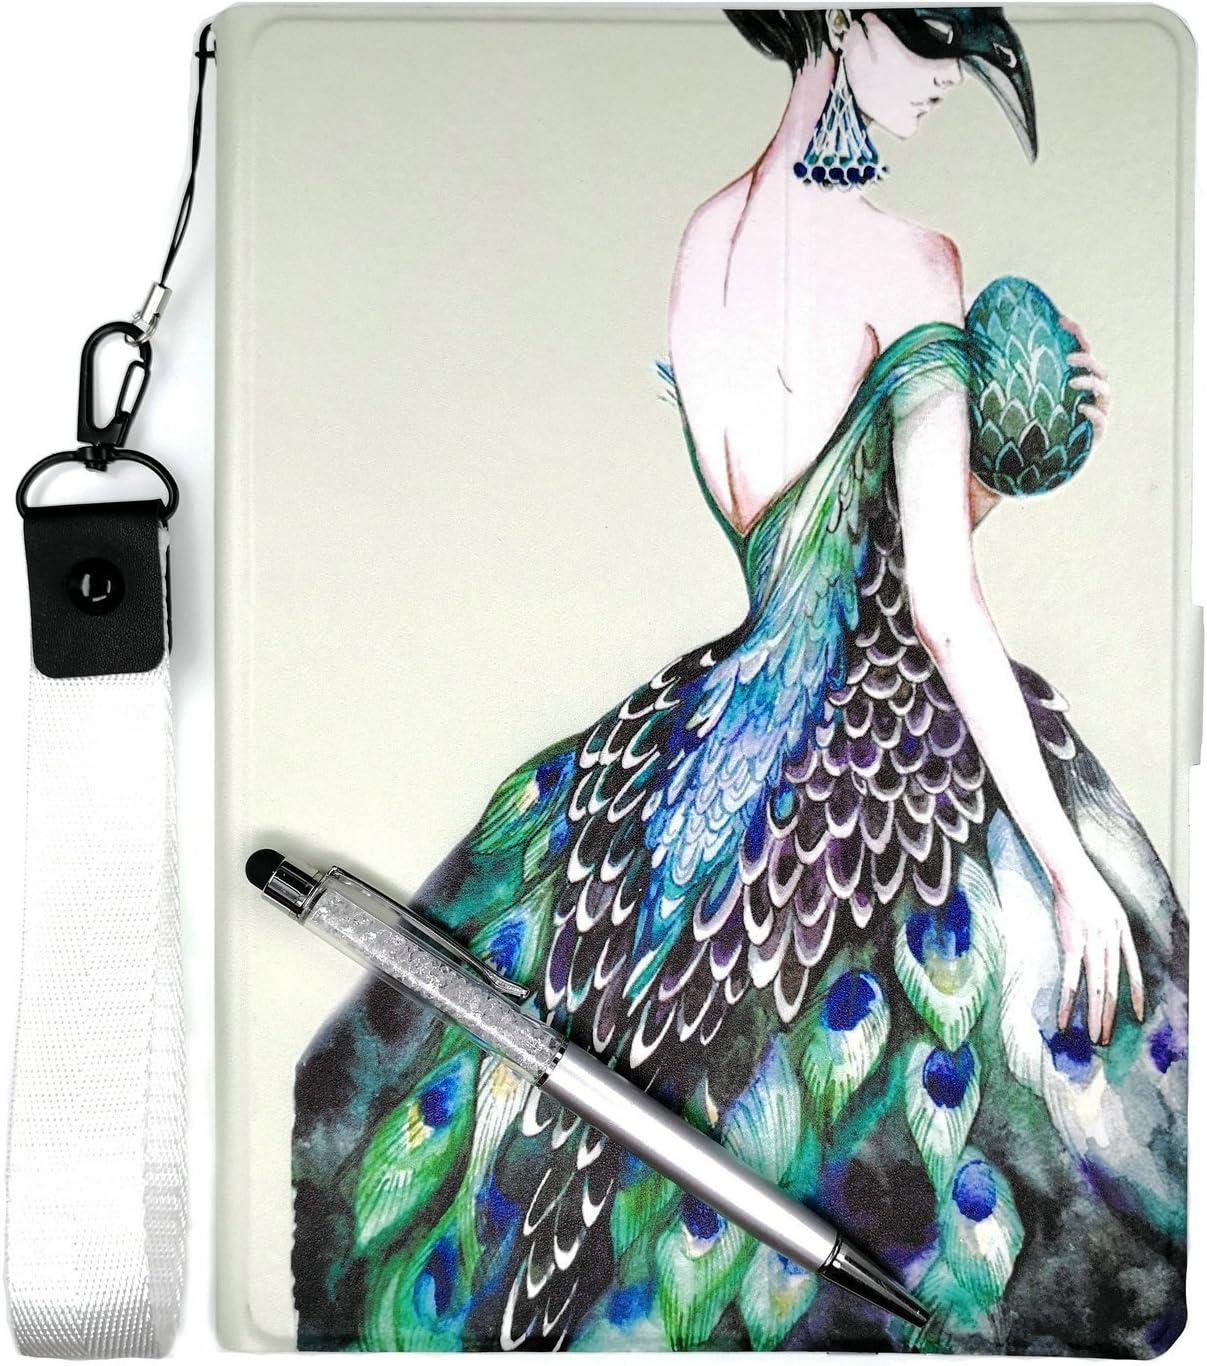 Lovewlb Tablet Funda para Onda Obook11 Plus Funda Soporte Cuero Case Cover HS